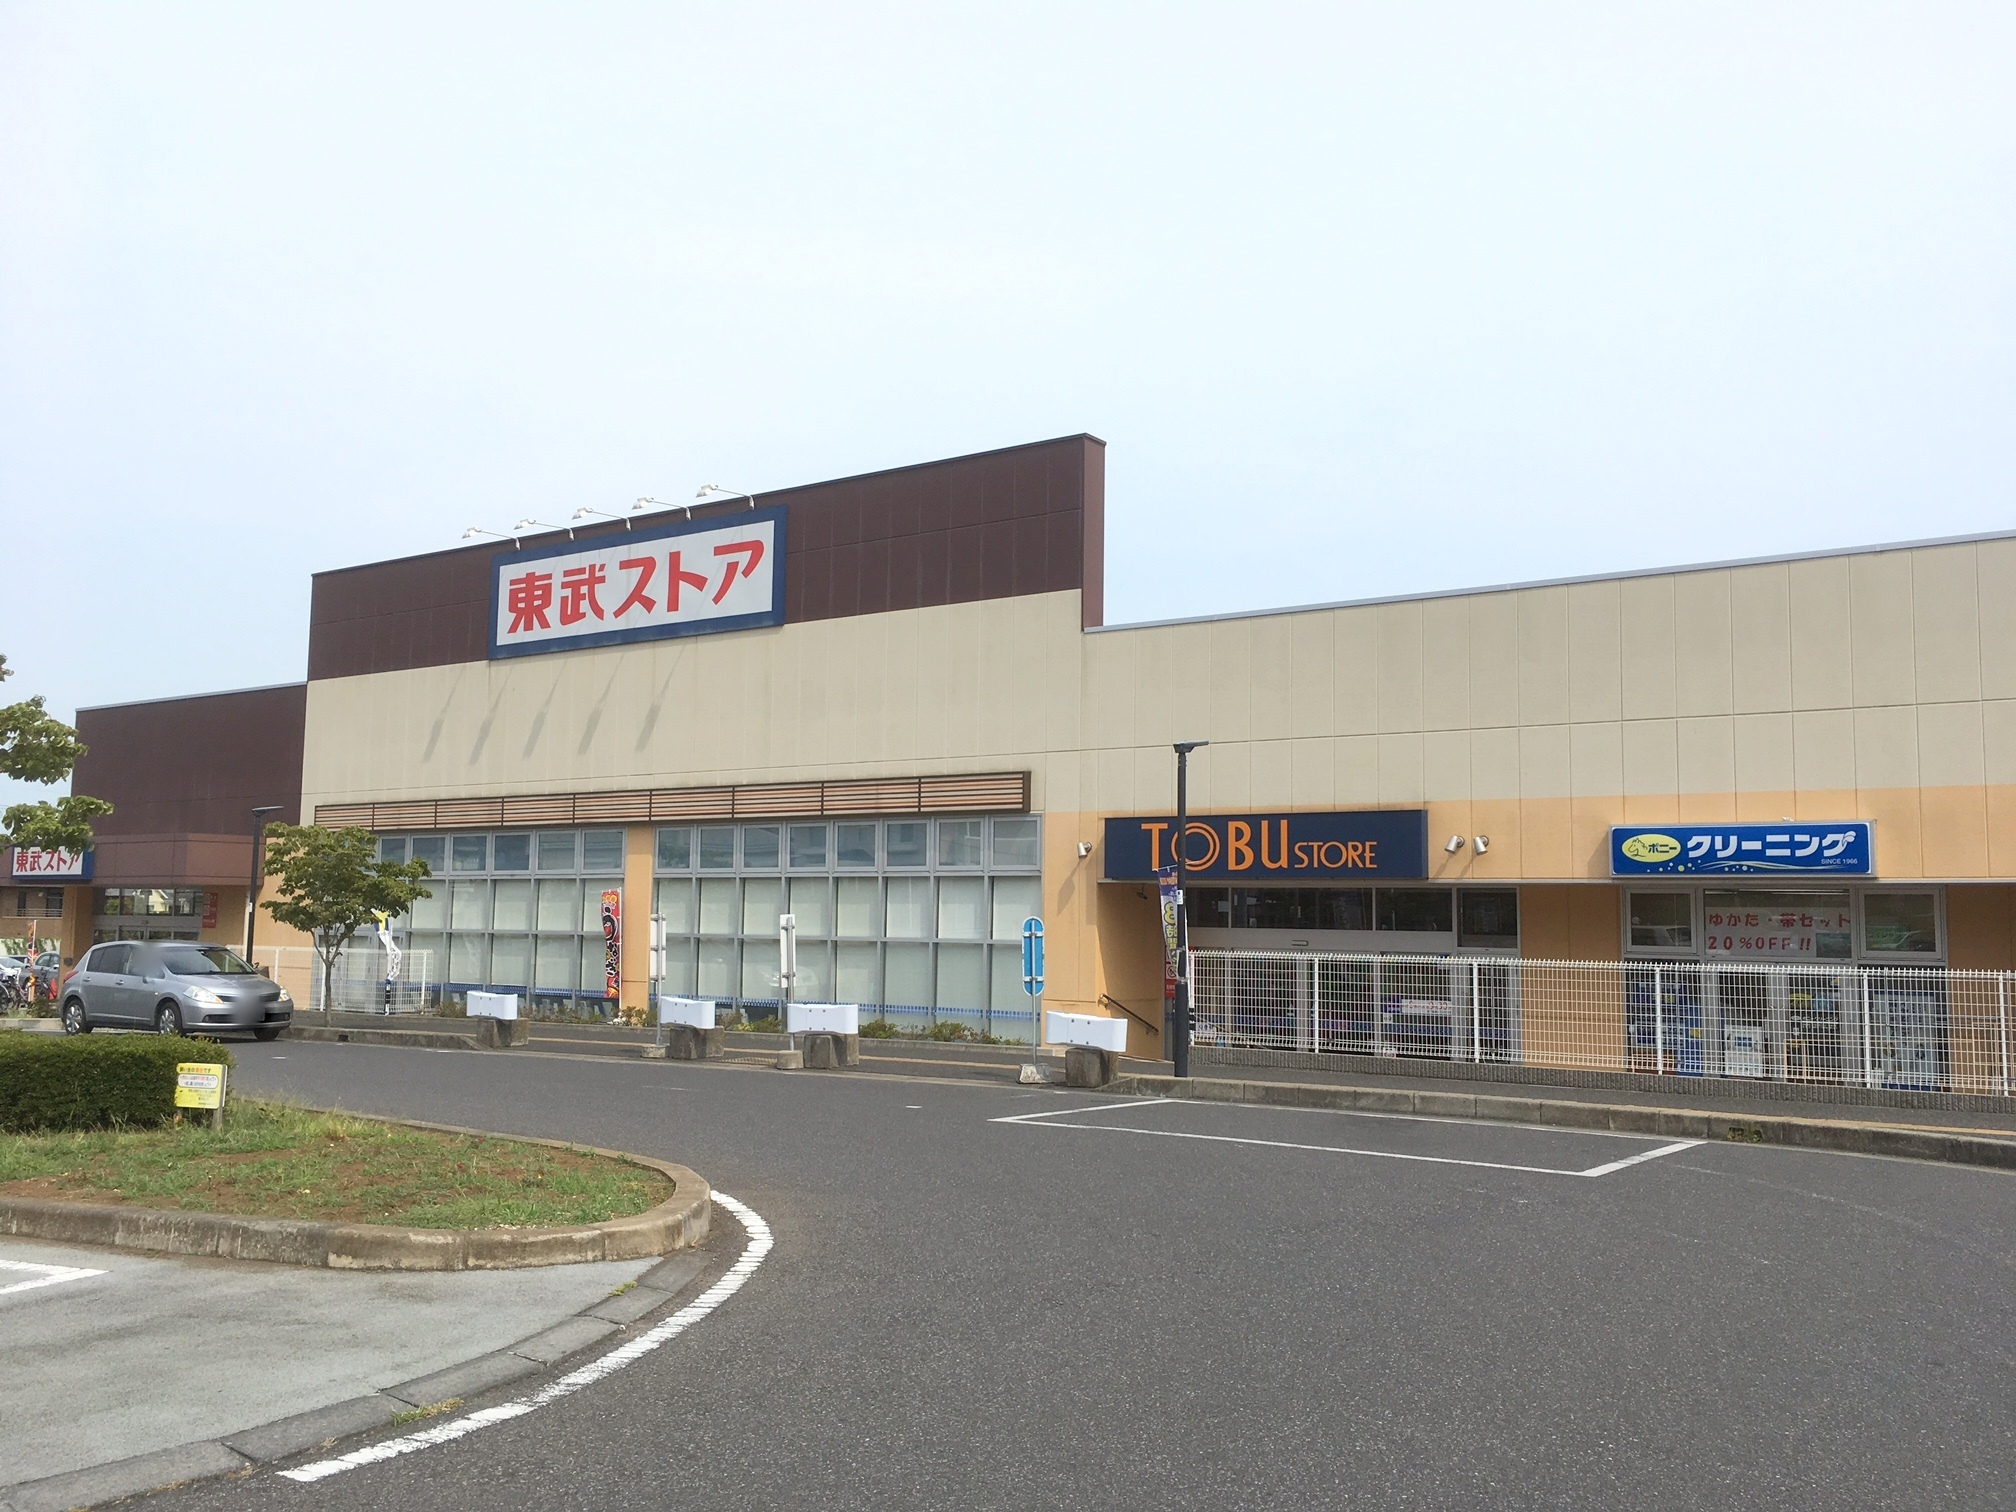 スーパー:東武ストア逆井店 580m